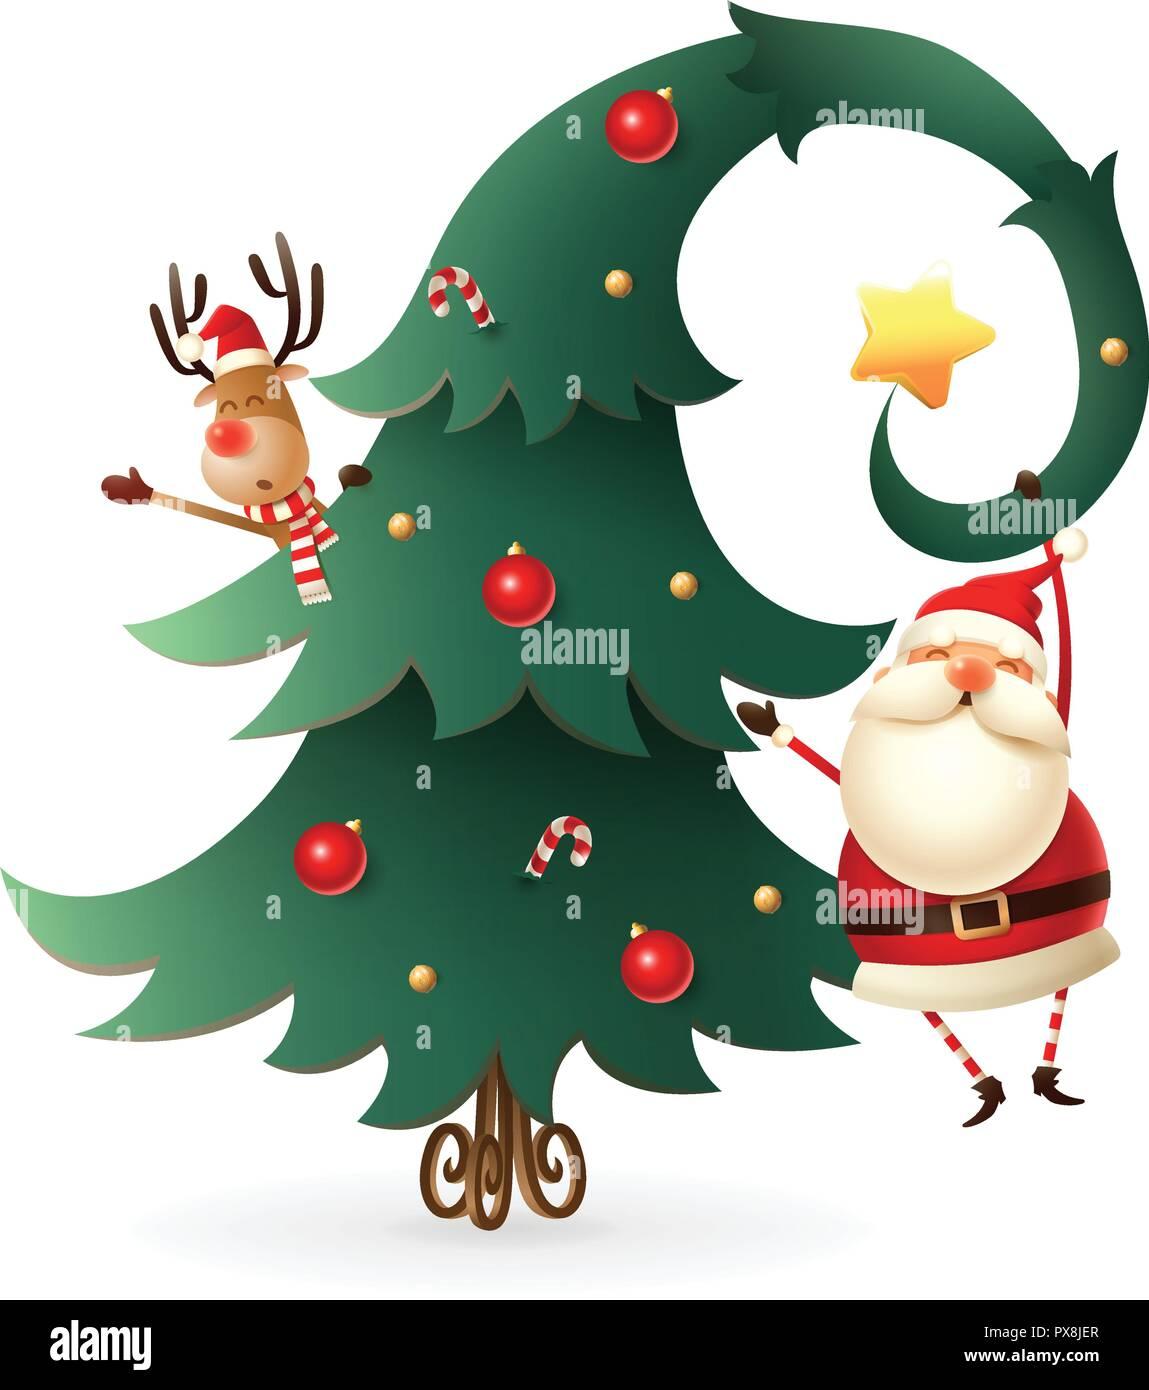 Albero Di Natale E Babbo Natale.Babbo Natale E Le Renne Intorno All Albero Di Natale Su Sfondo Trasparente Gnomi Scandinavi Stile Immagine E Vettoriale Alamy